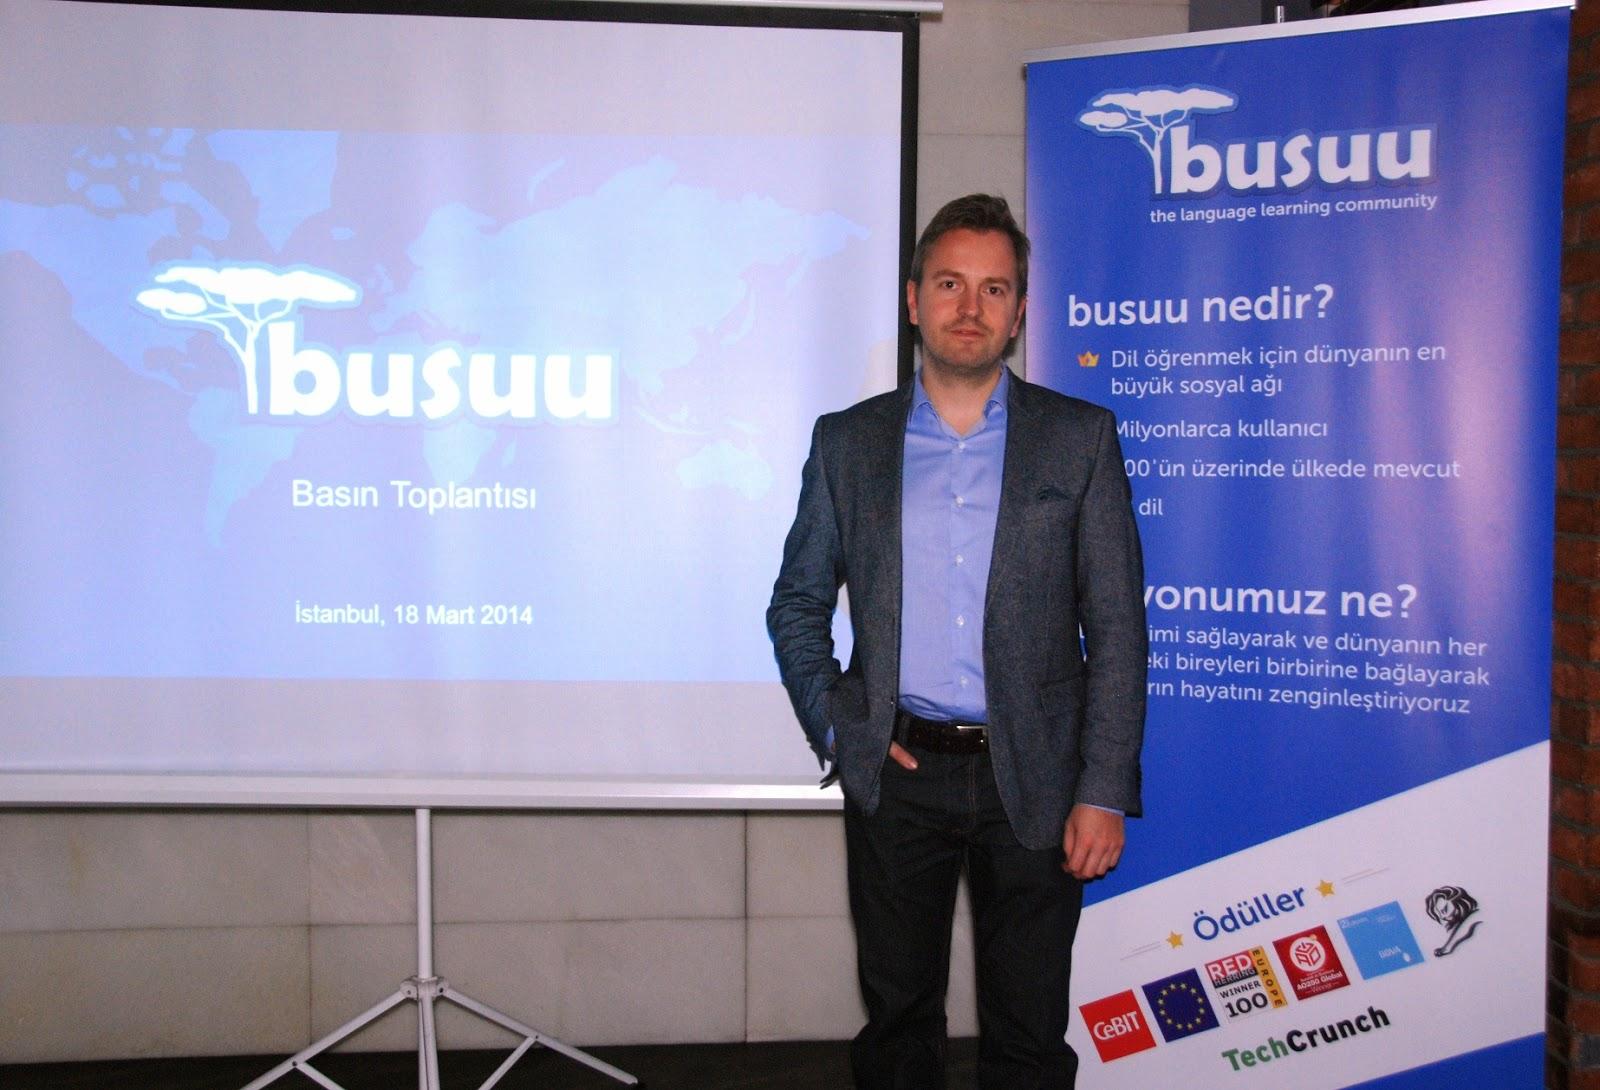 Avrupanın otobüs turu: Rusyadan bir turist çağrısı